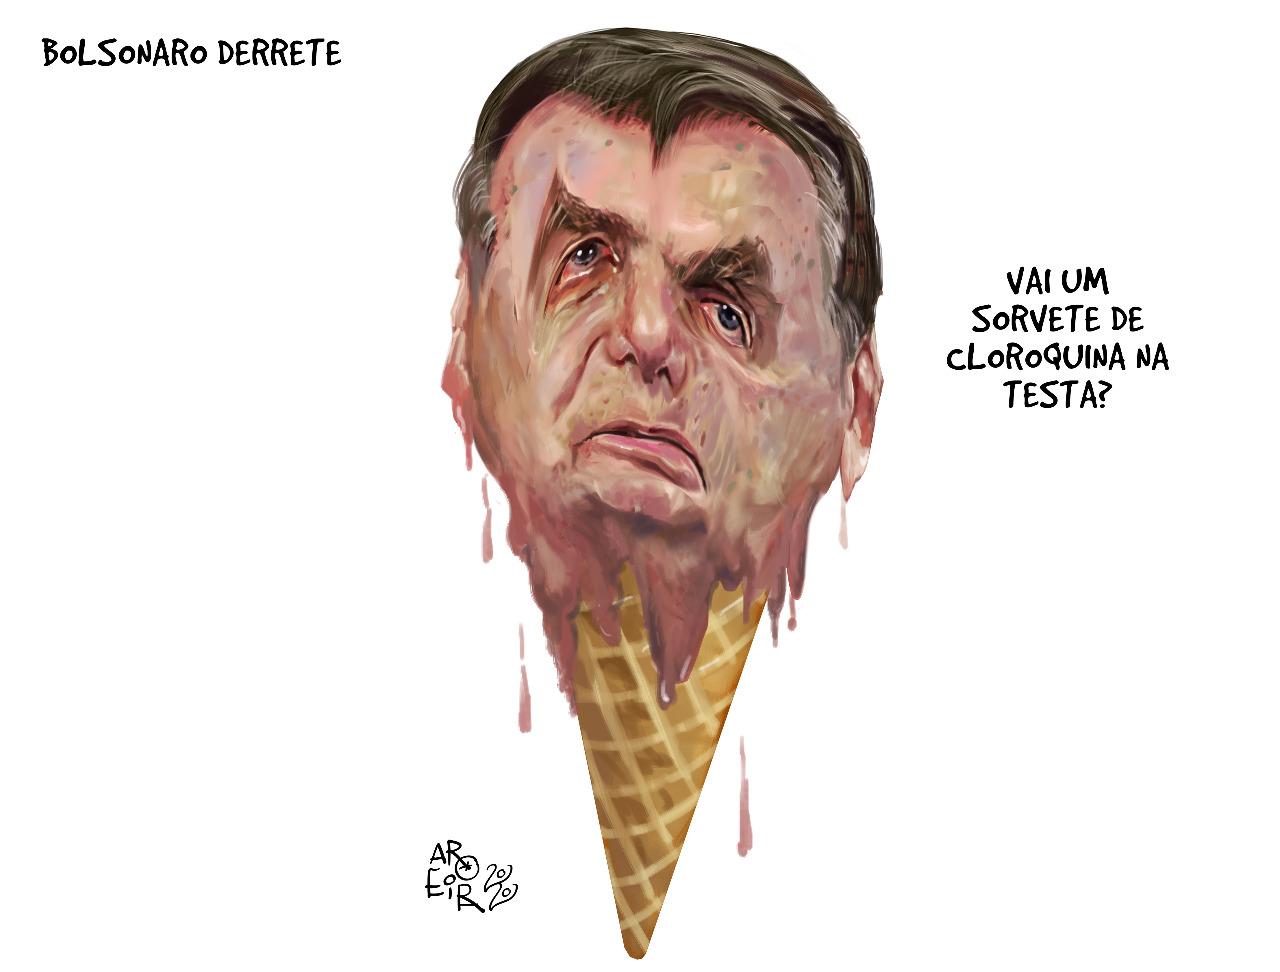 Bolsonaro derrete - Renato Aroeira - Brasil 247